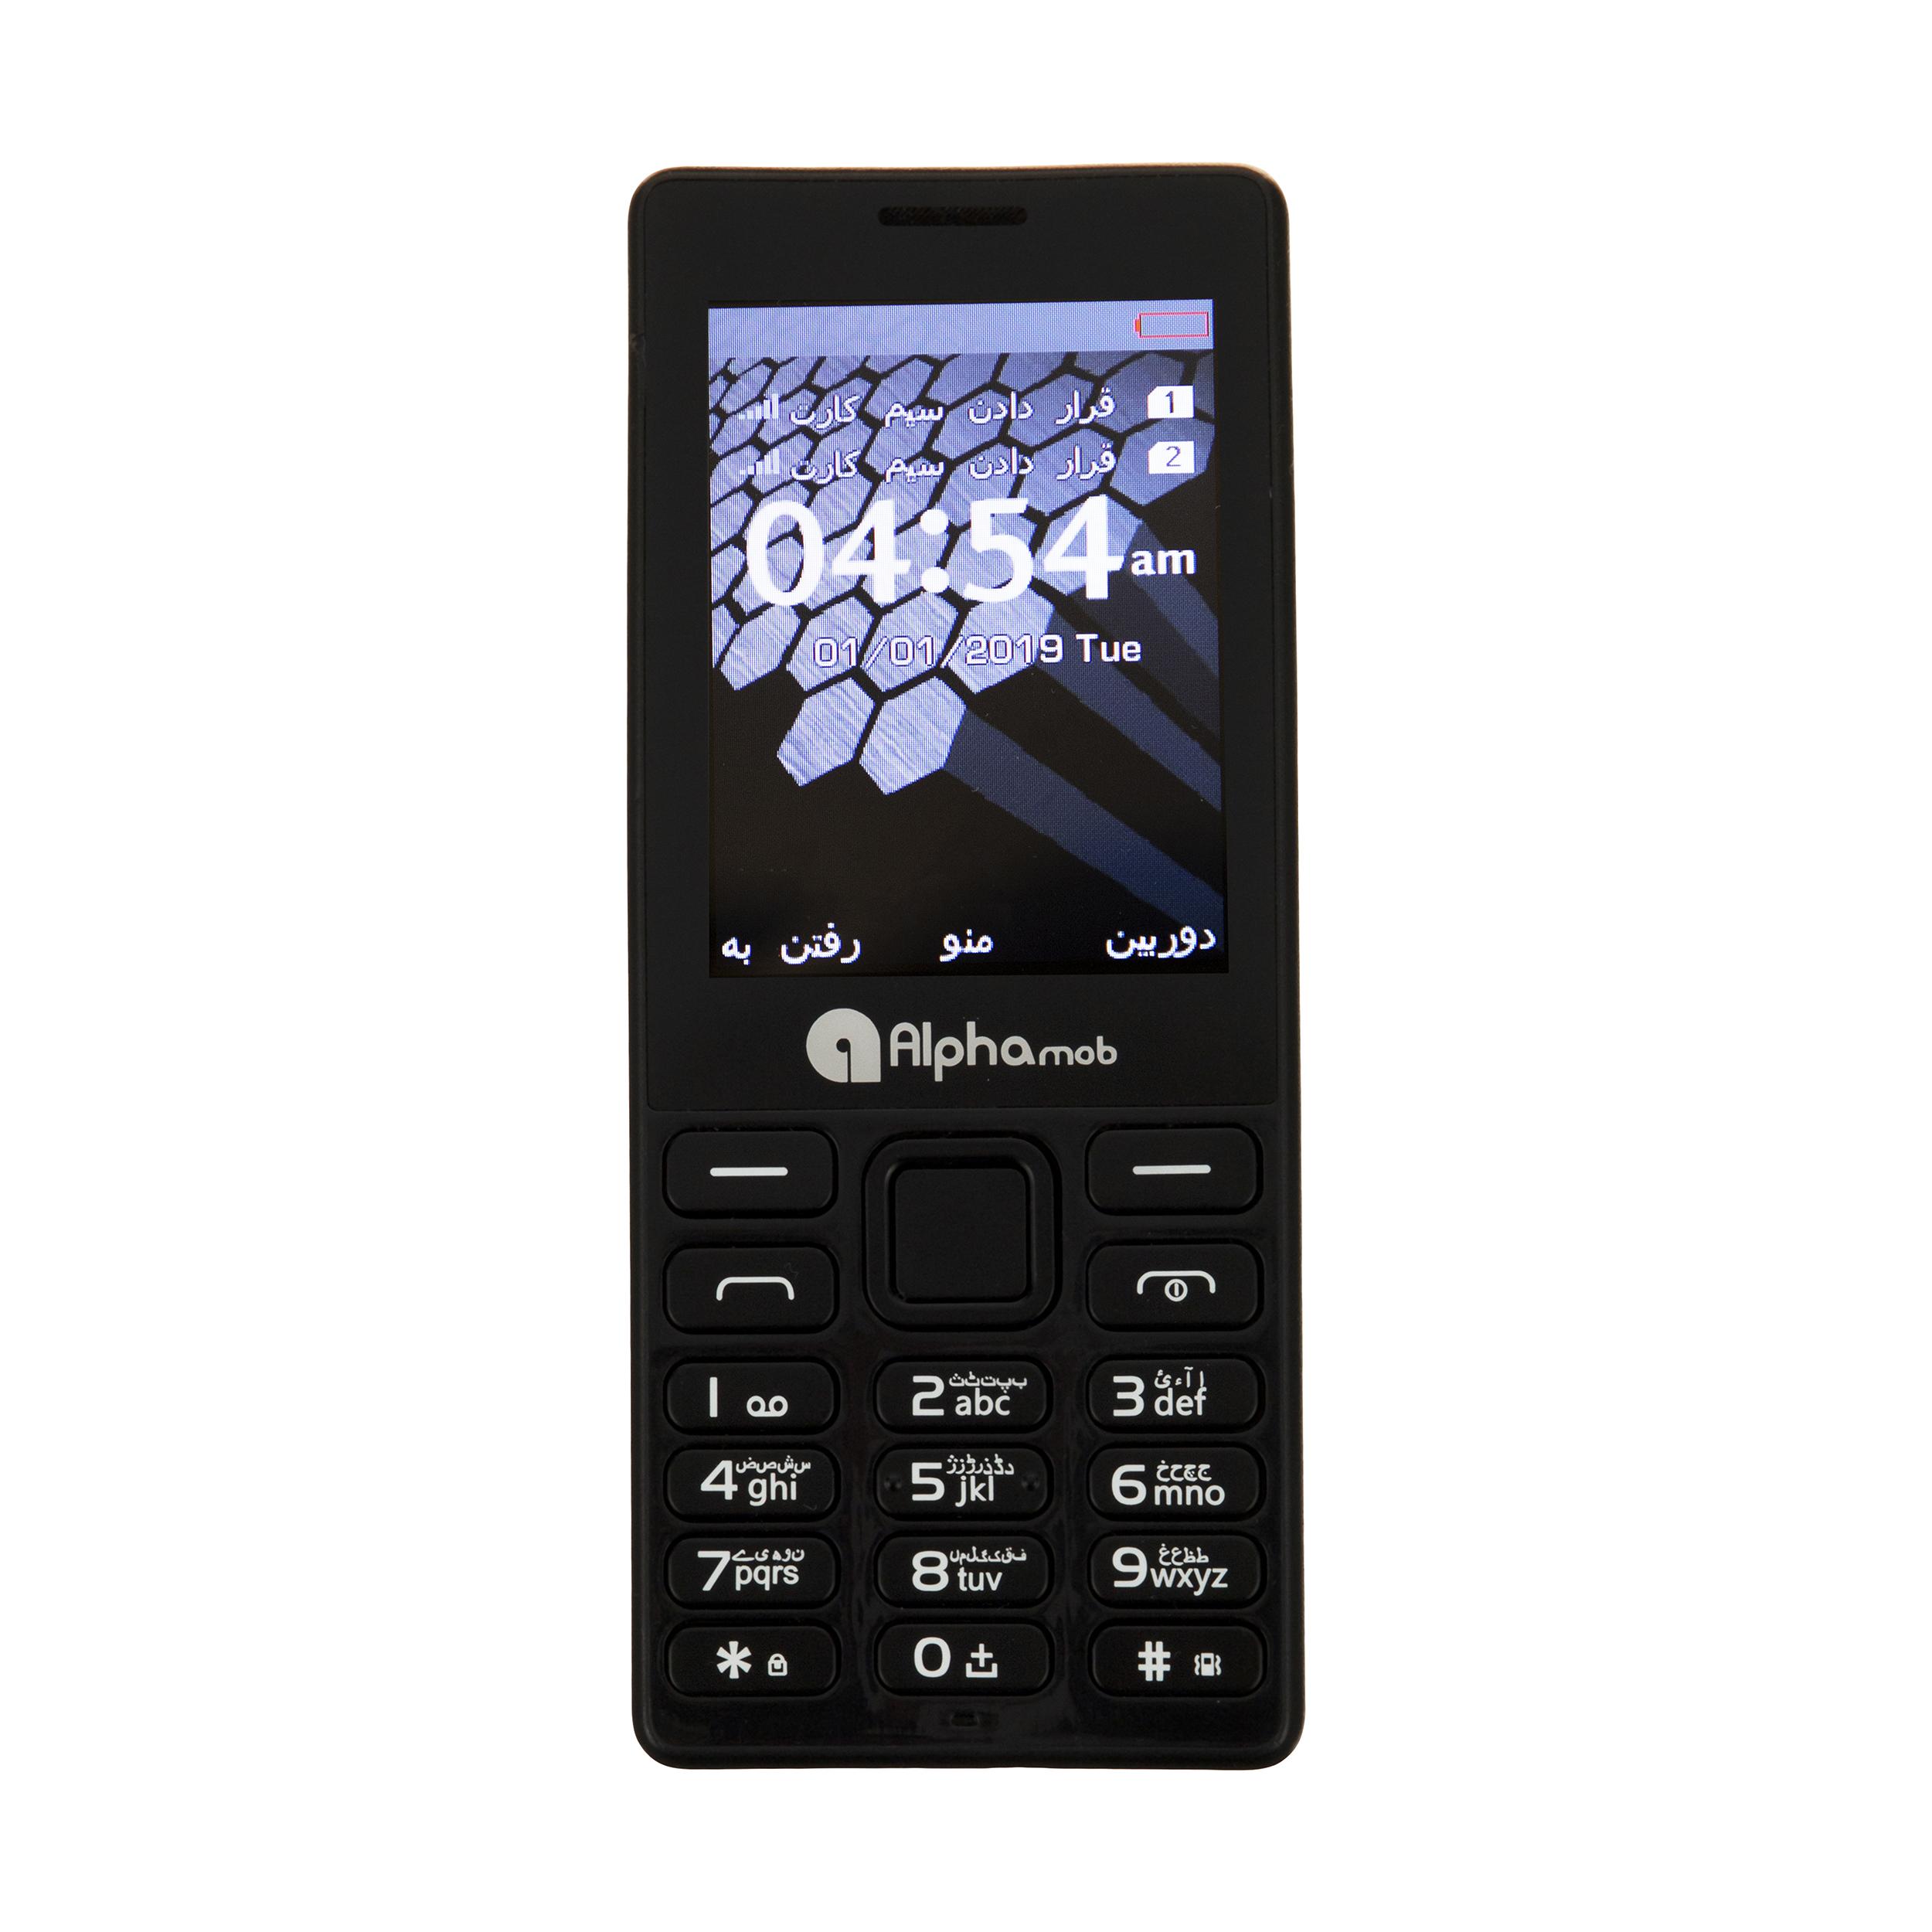 خرید                     گوشی موبایل آلفا موب مدل A8 Plus دوسیم کارت